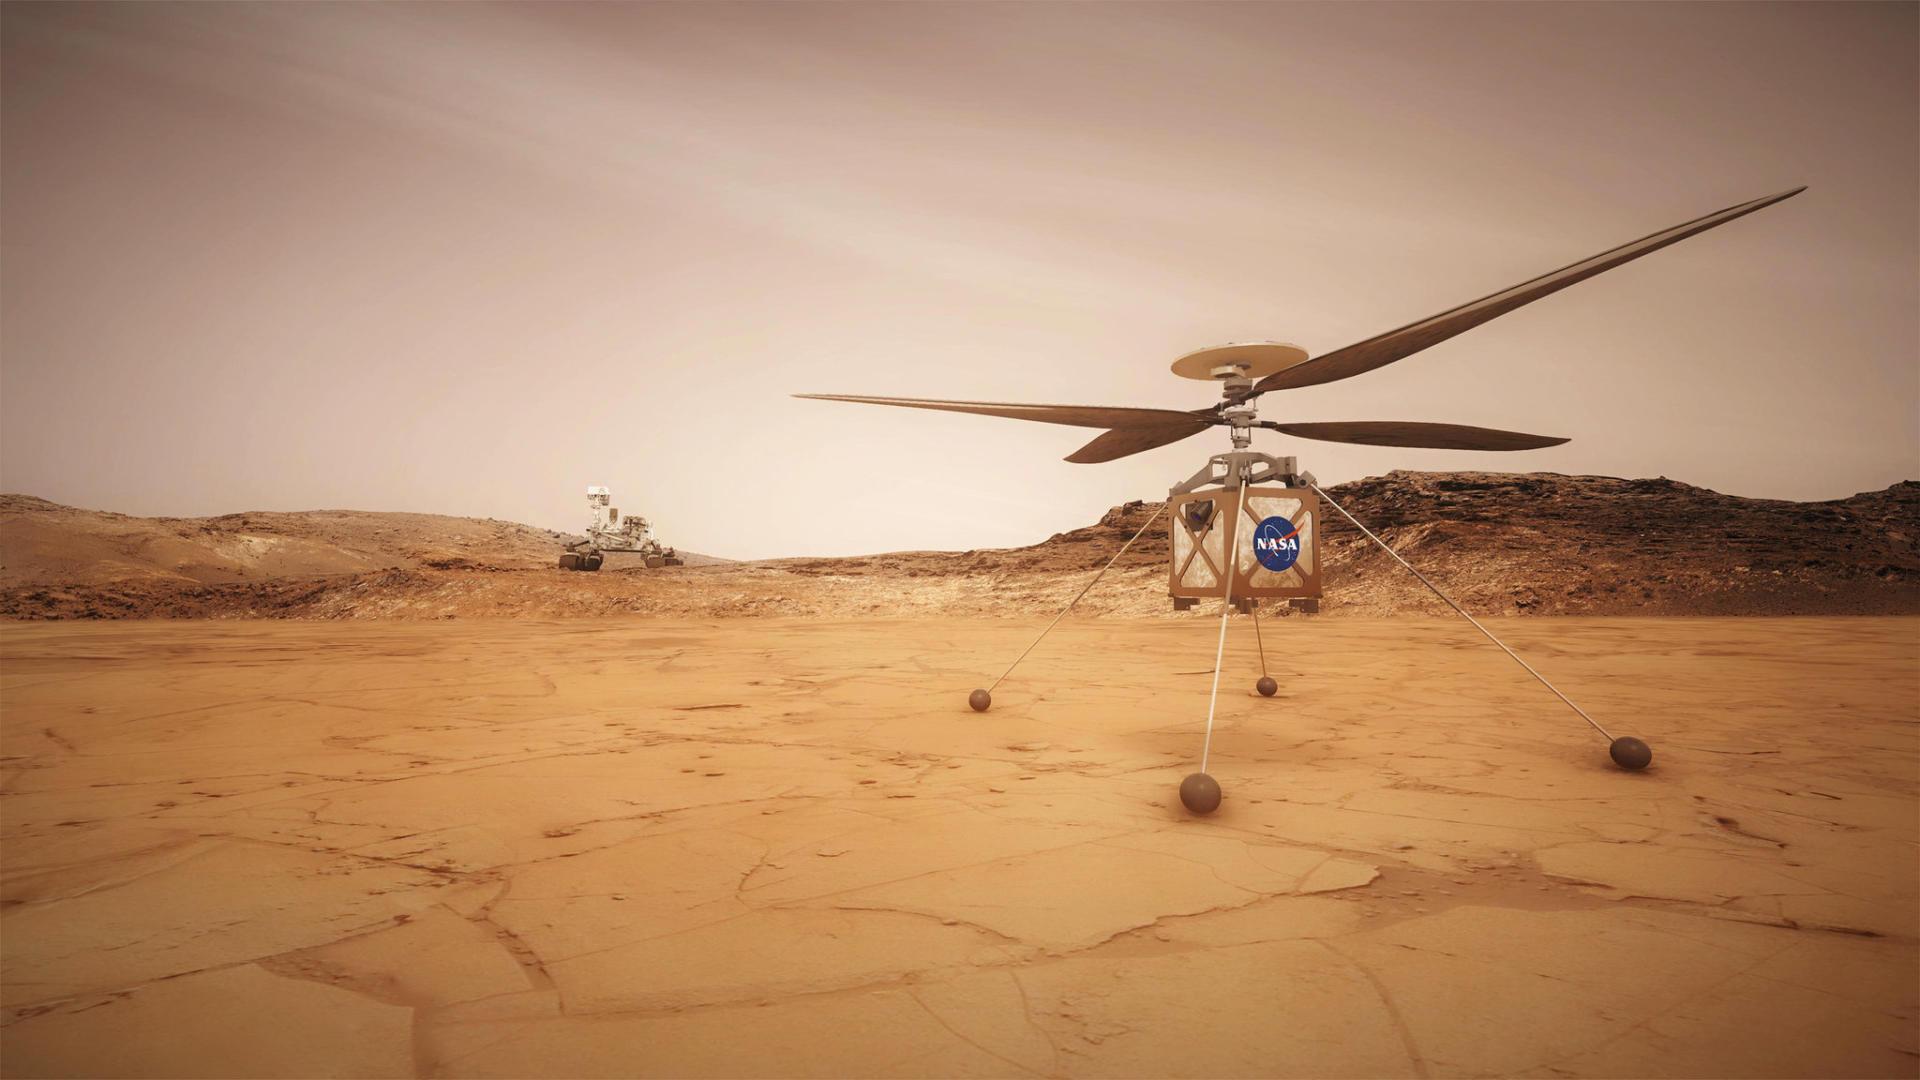 Qualcomm hợp tác cùng NASA phát triển trực thăng sao Hỏa